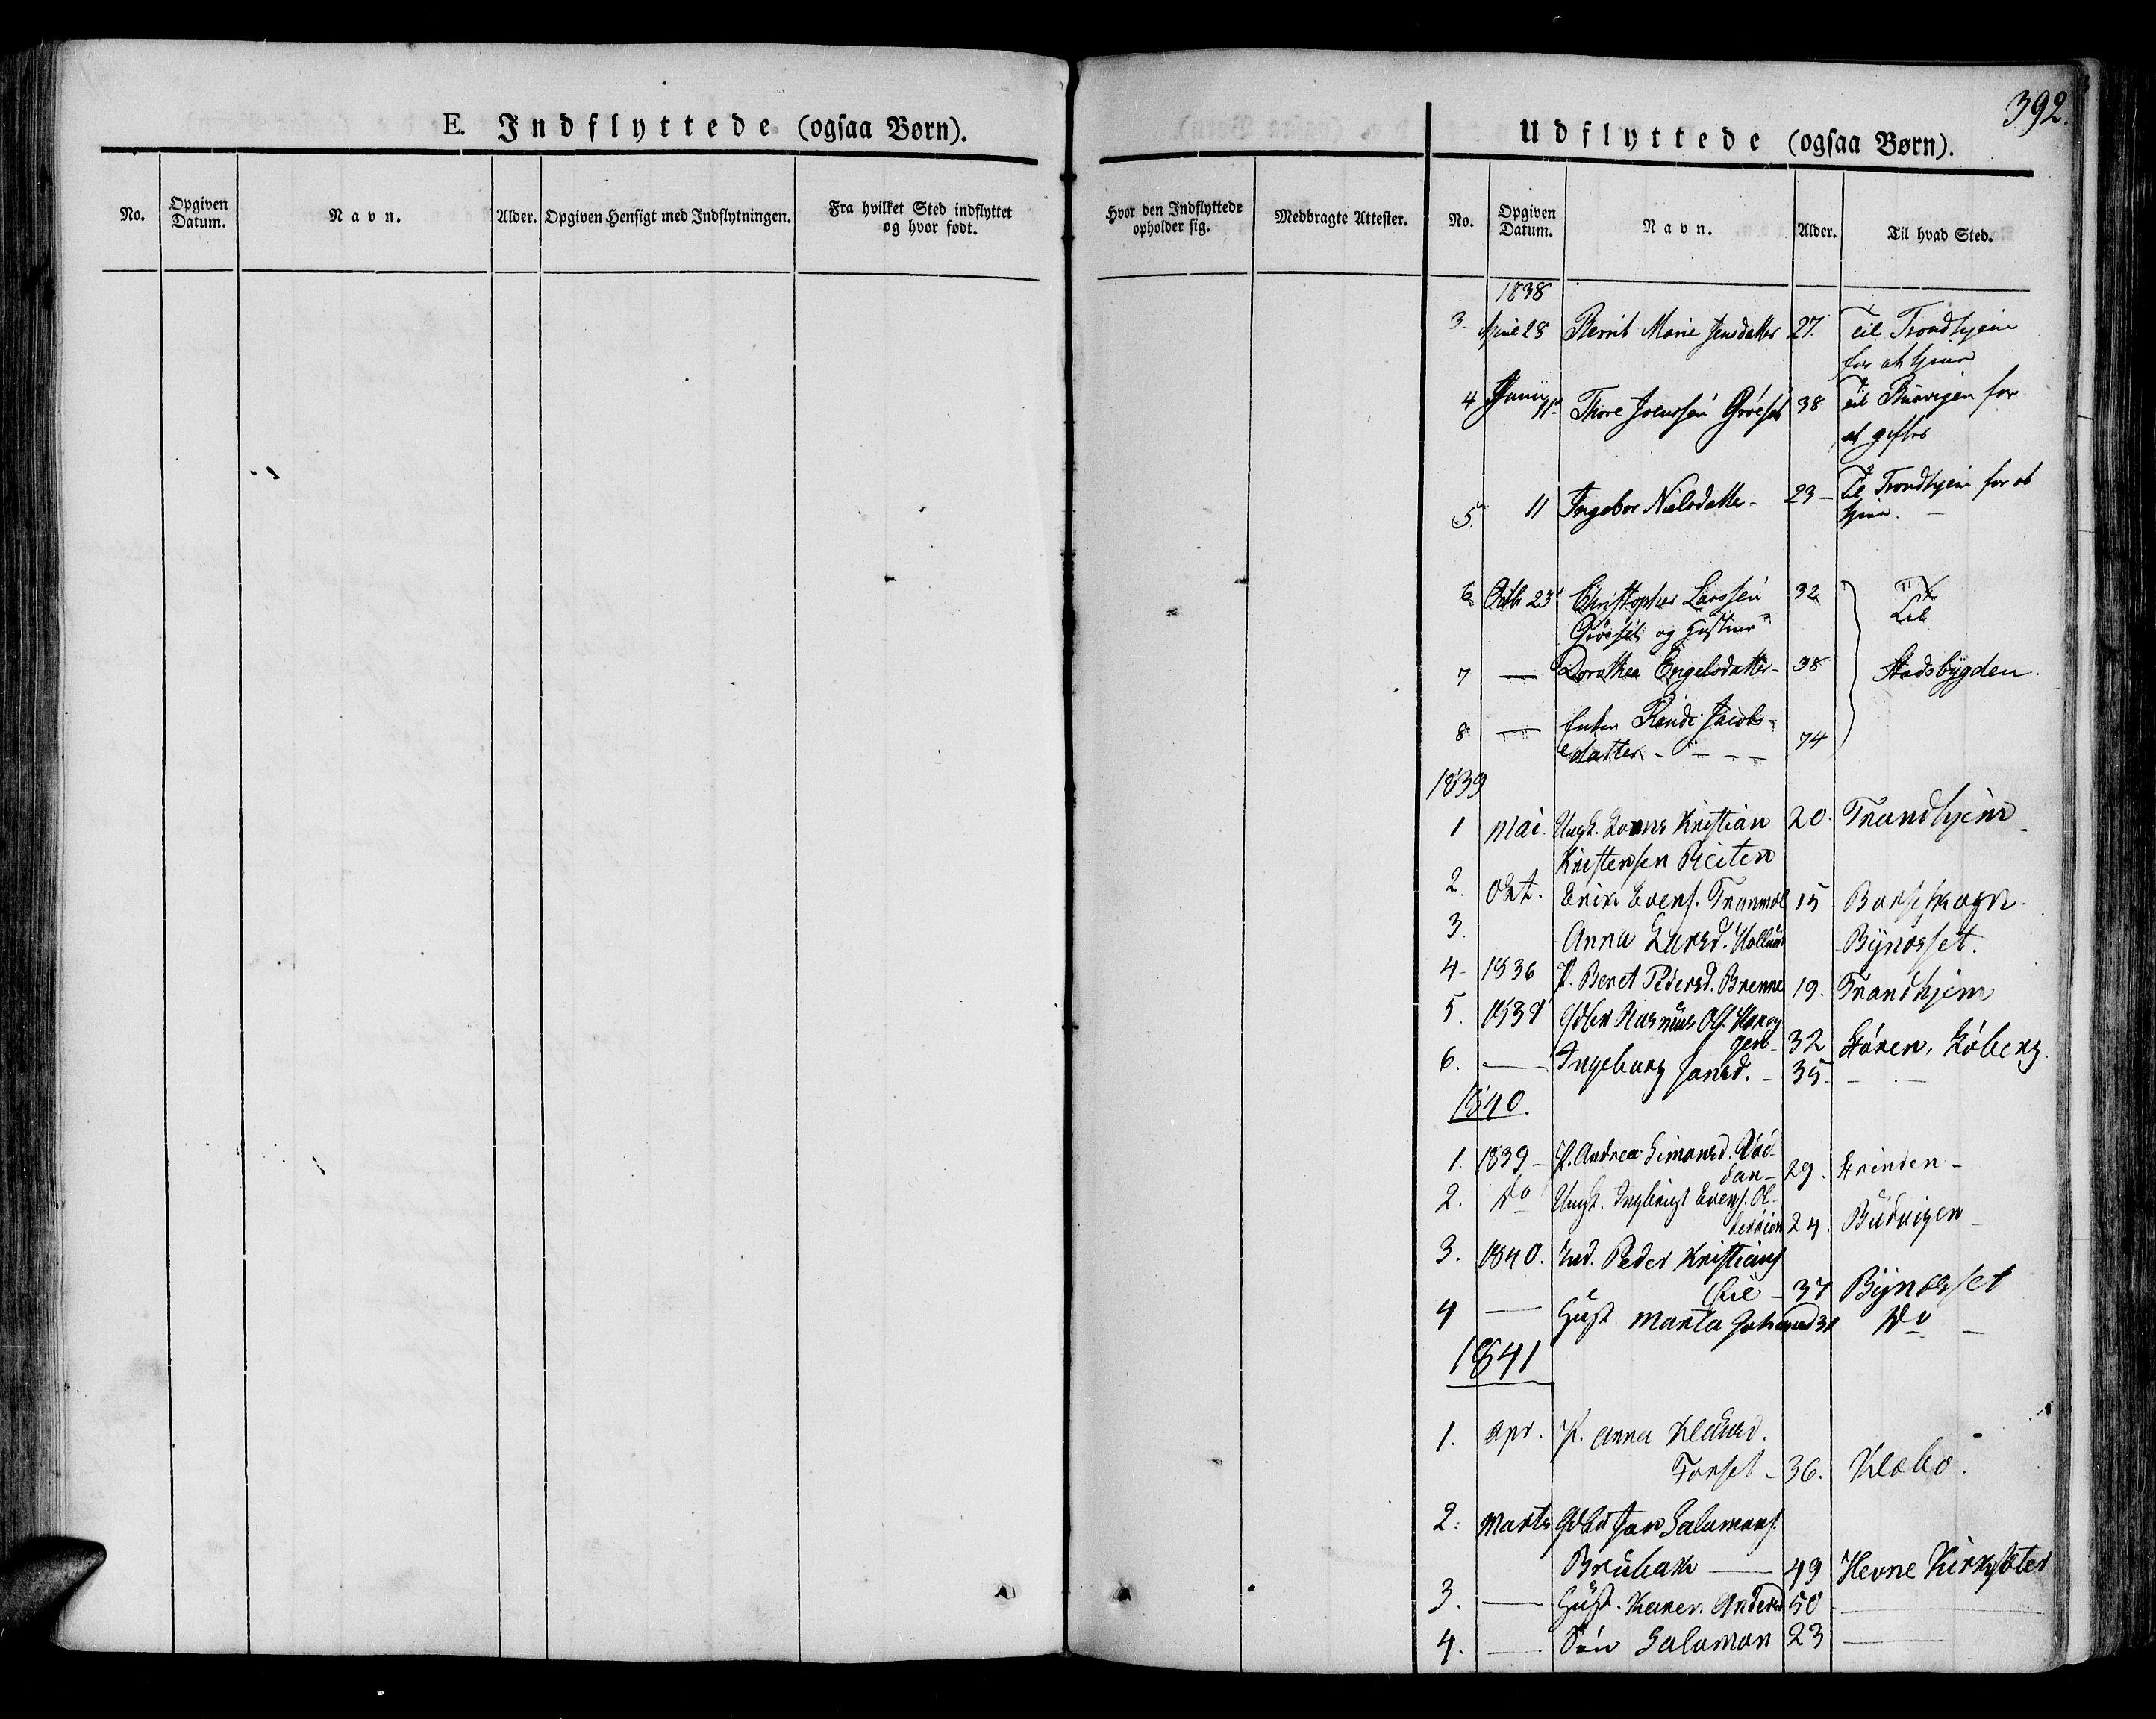 SAT, Ministerialprotokoller, klokkerbøker og fødselsregistre - Sør-Trøndelag, 691/L1070: Ministerialbok nr. 691A05 /1, 1826-1841, s. 392